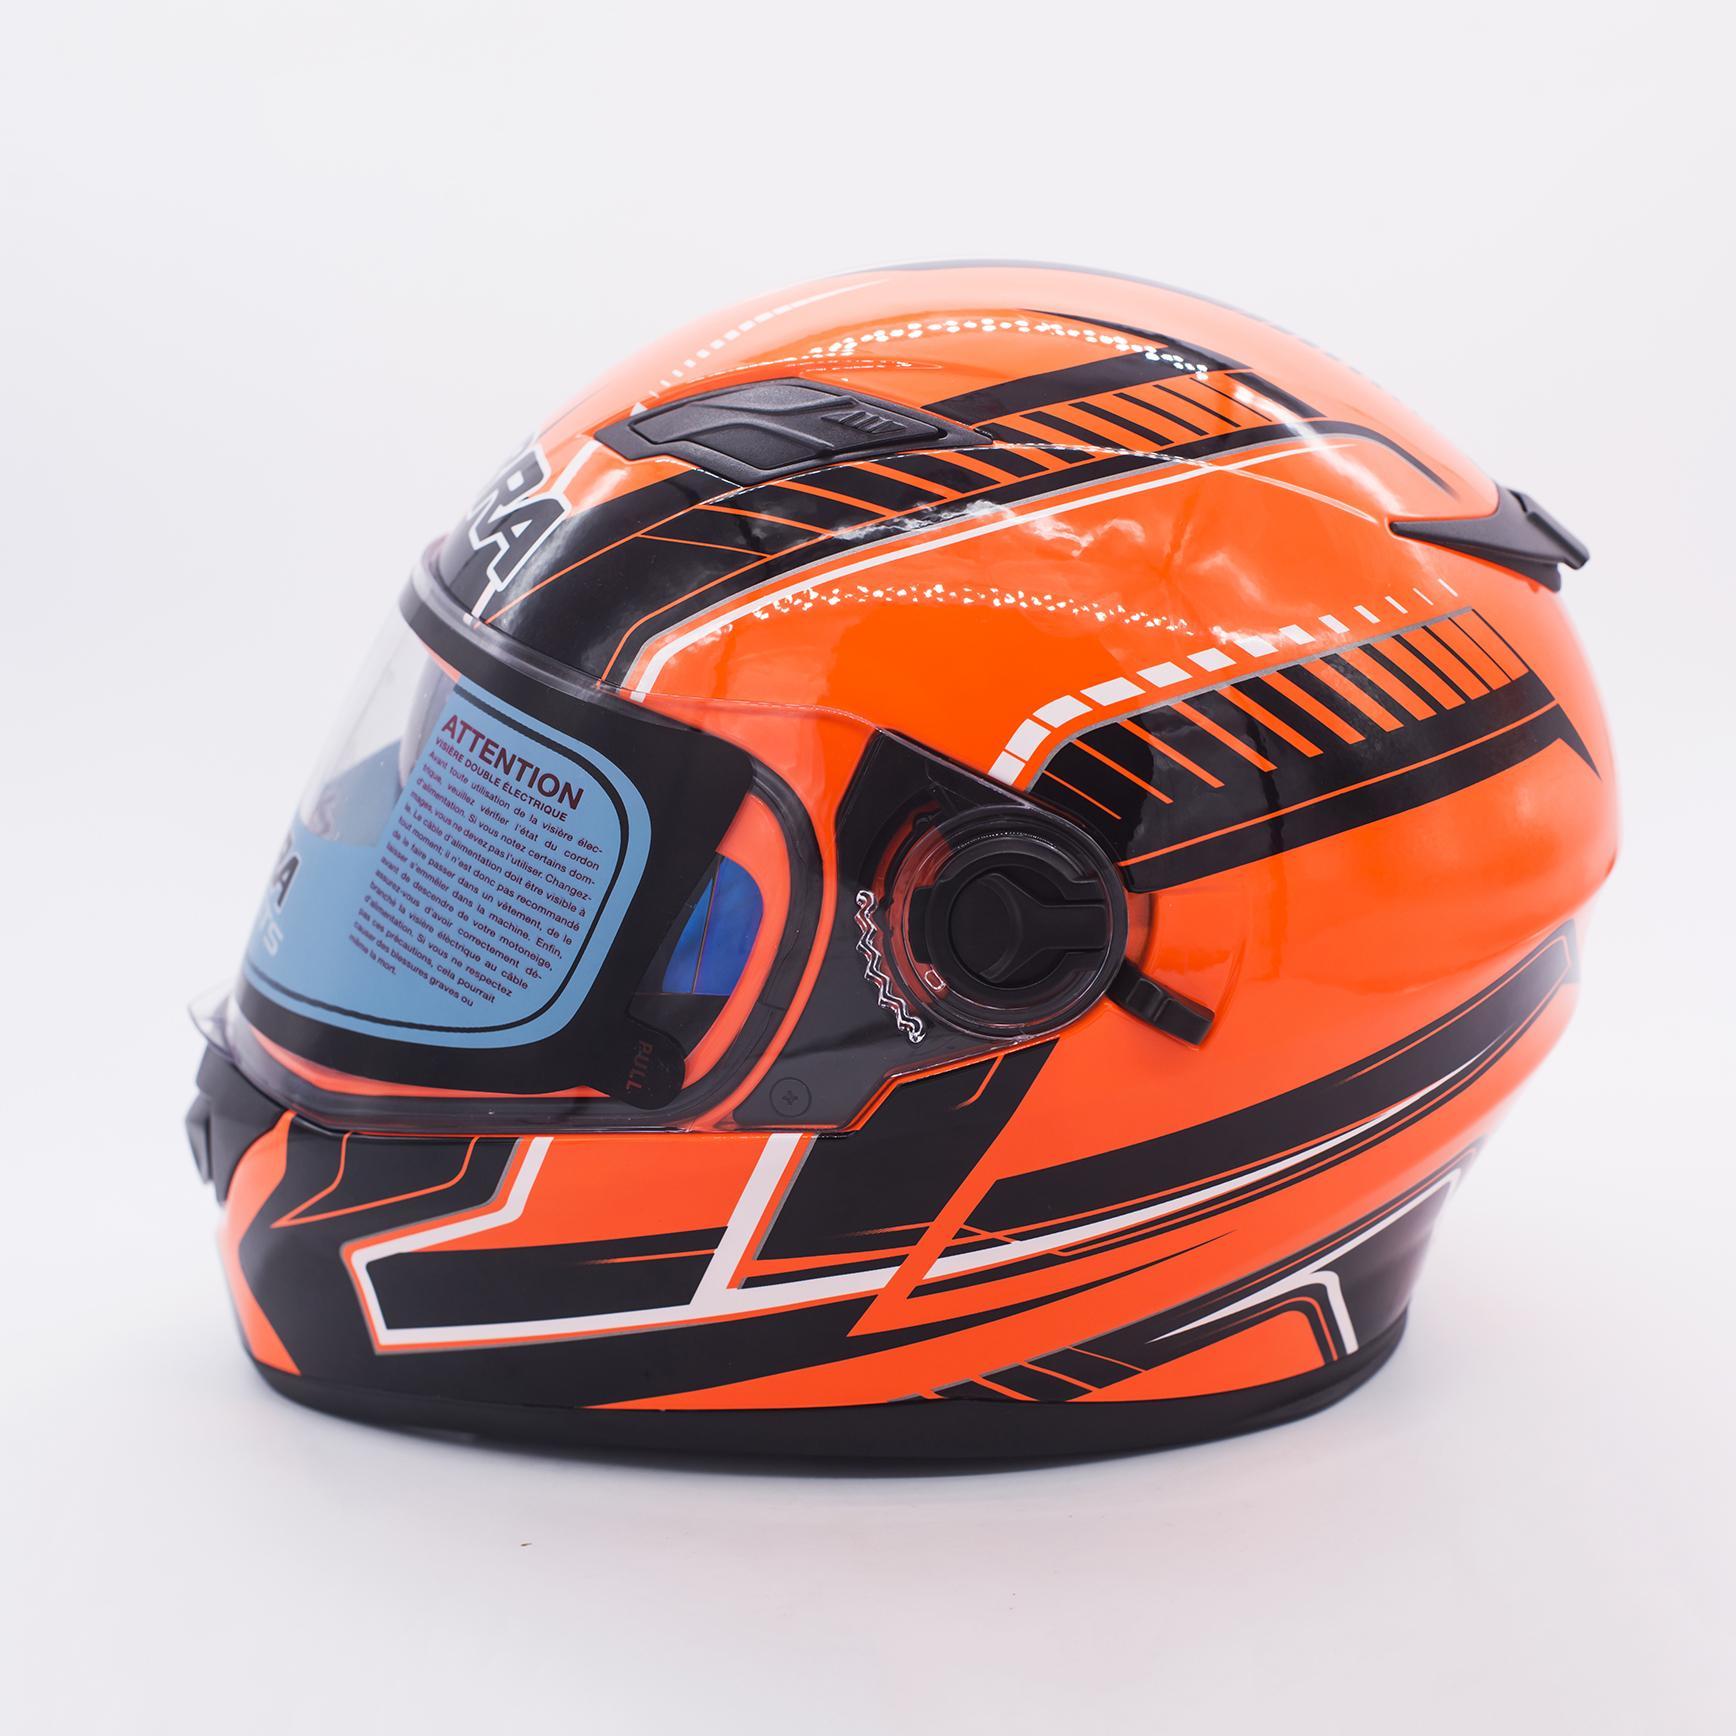 c3a8fddf Product details of ZEBRA FF655 Full Face Dual Visor Helmet